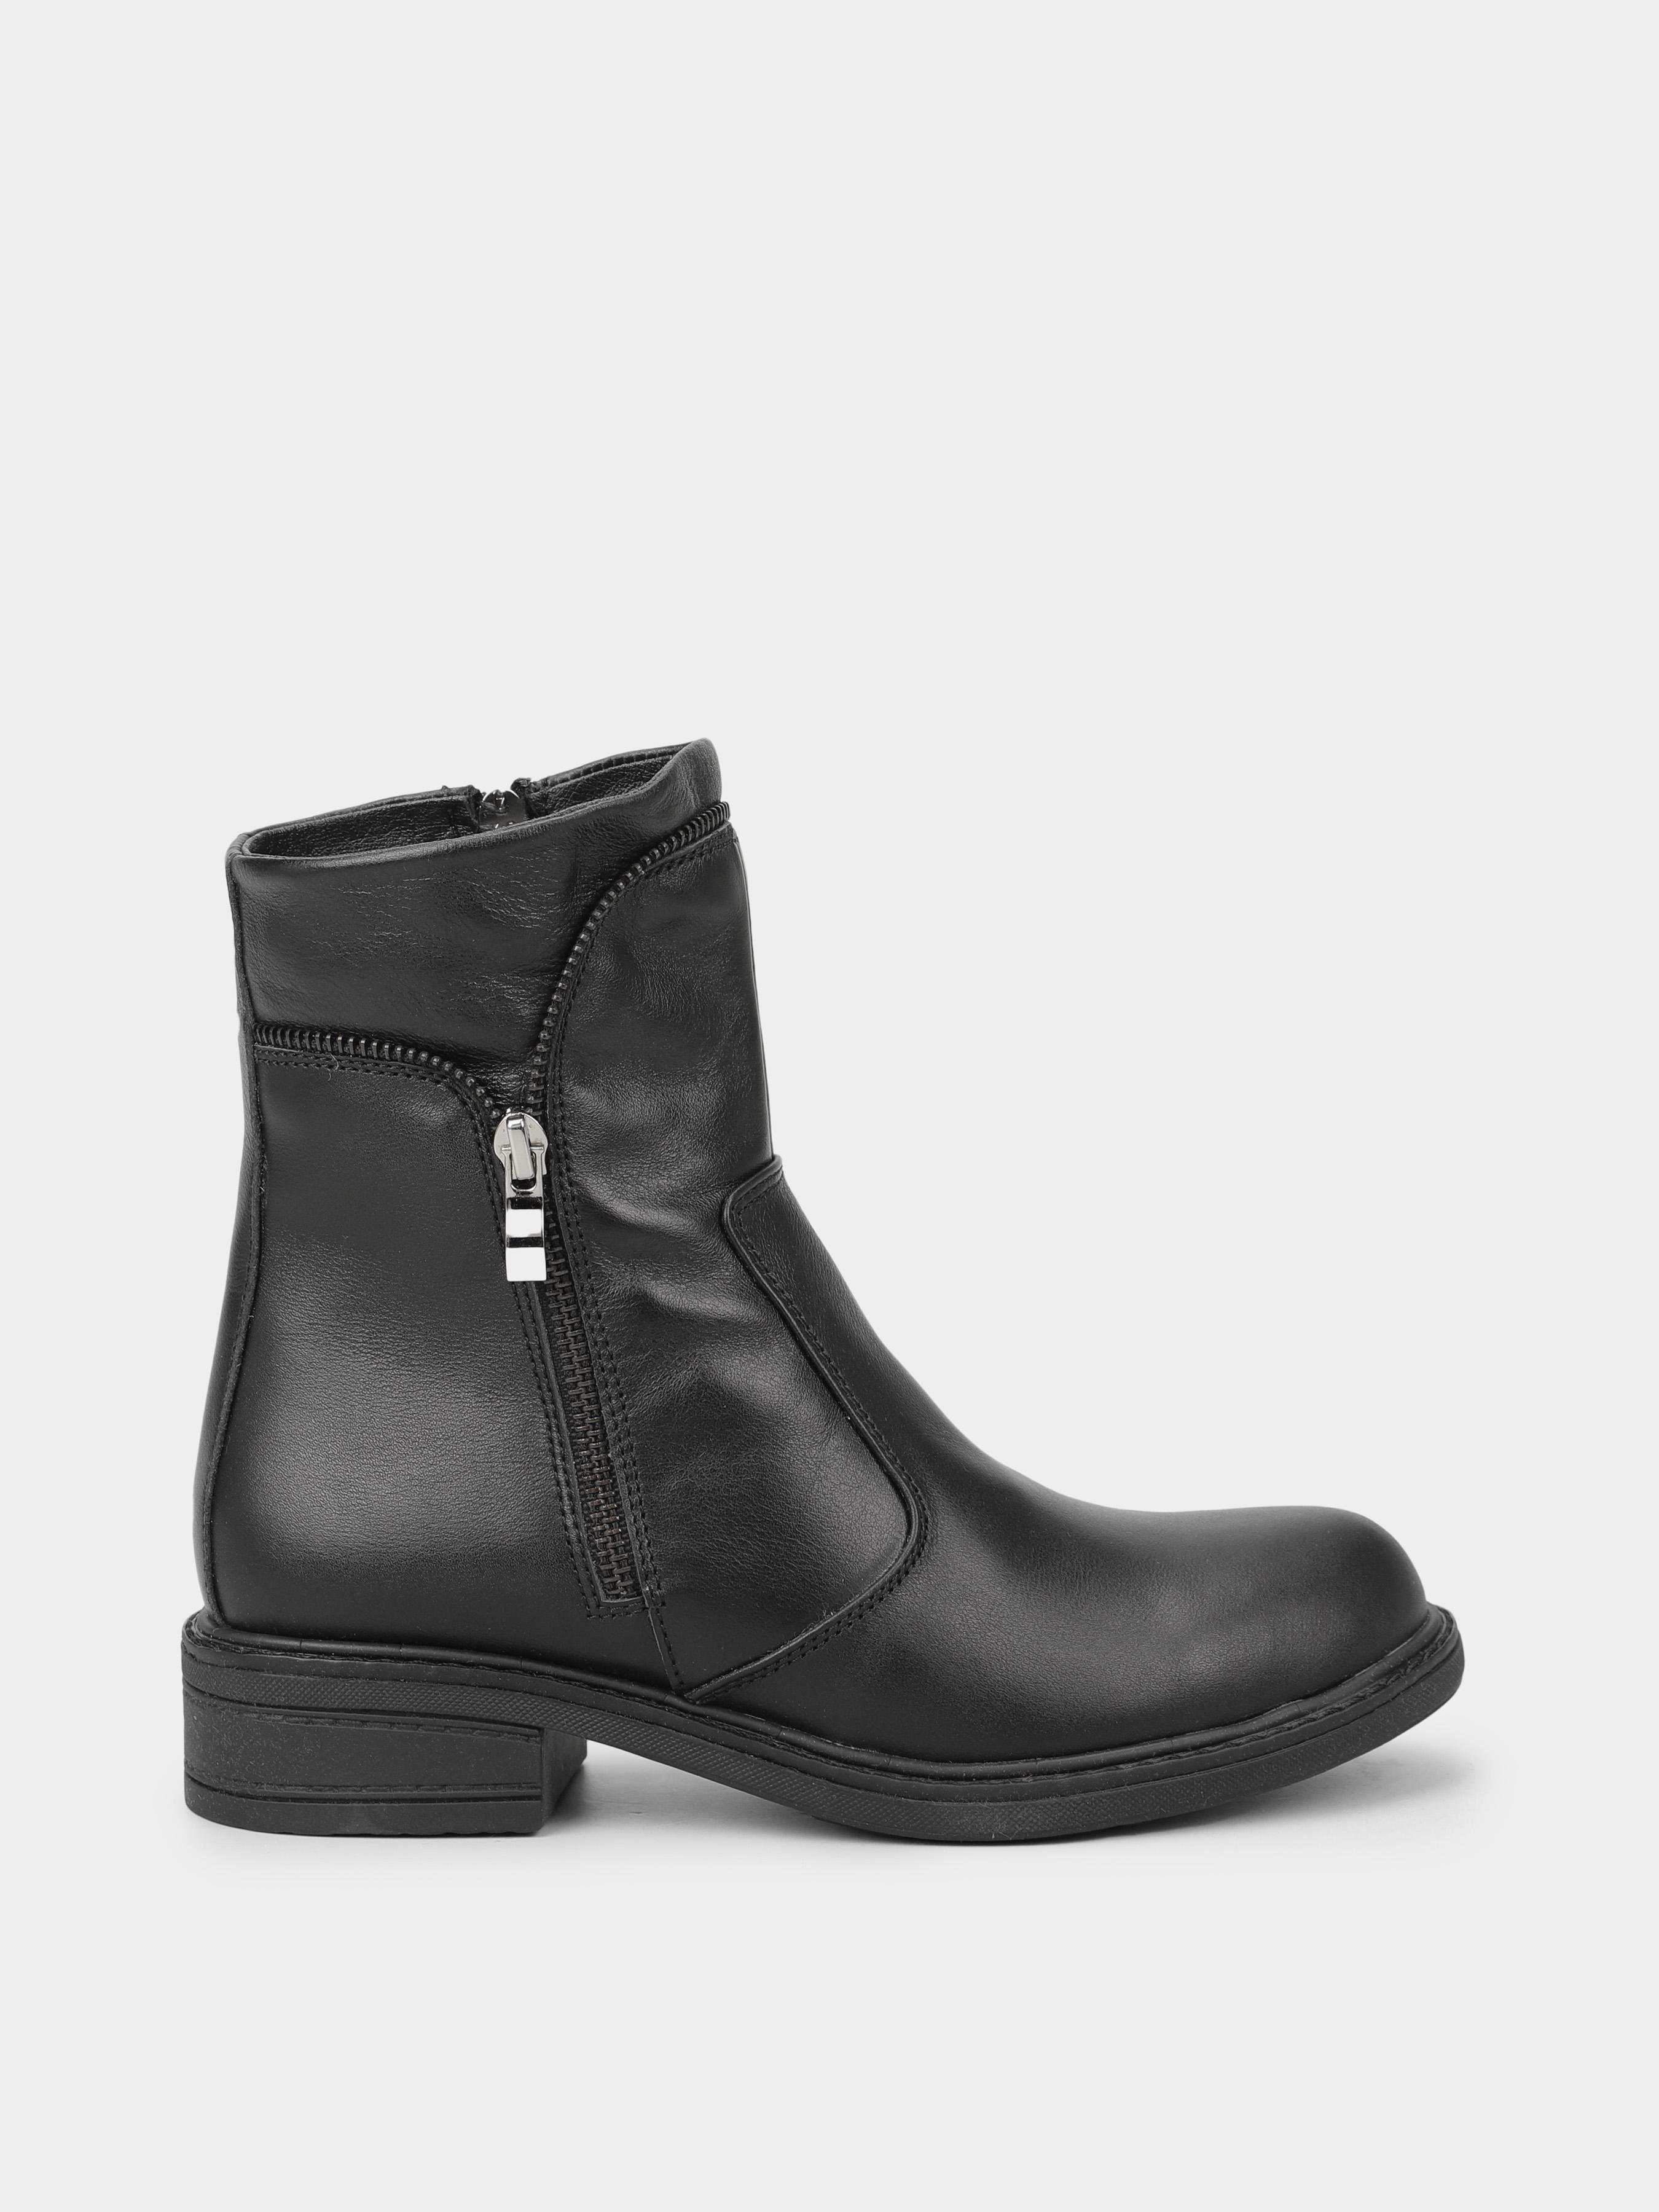 Ботинки для женщин Torsion 0F9 примерка, 2017